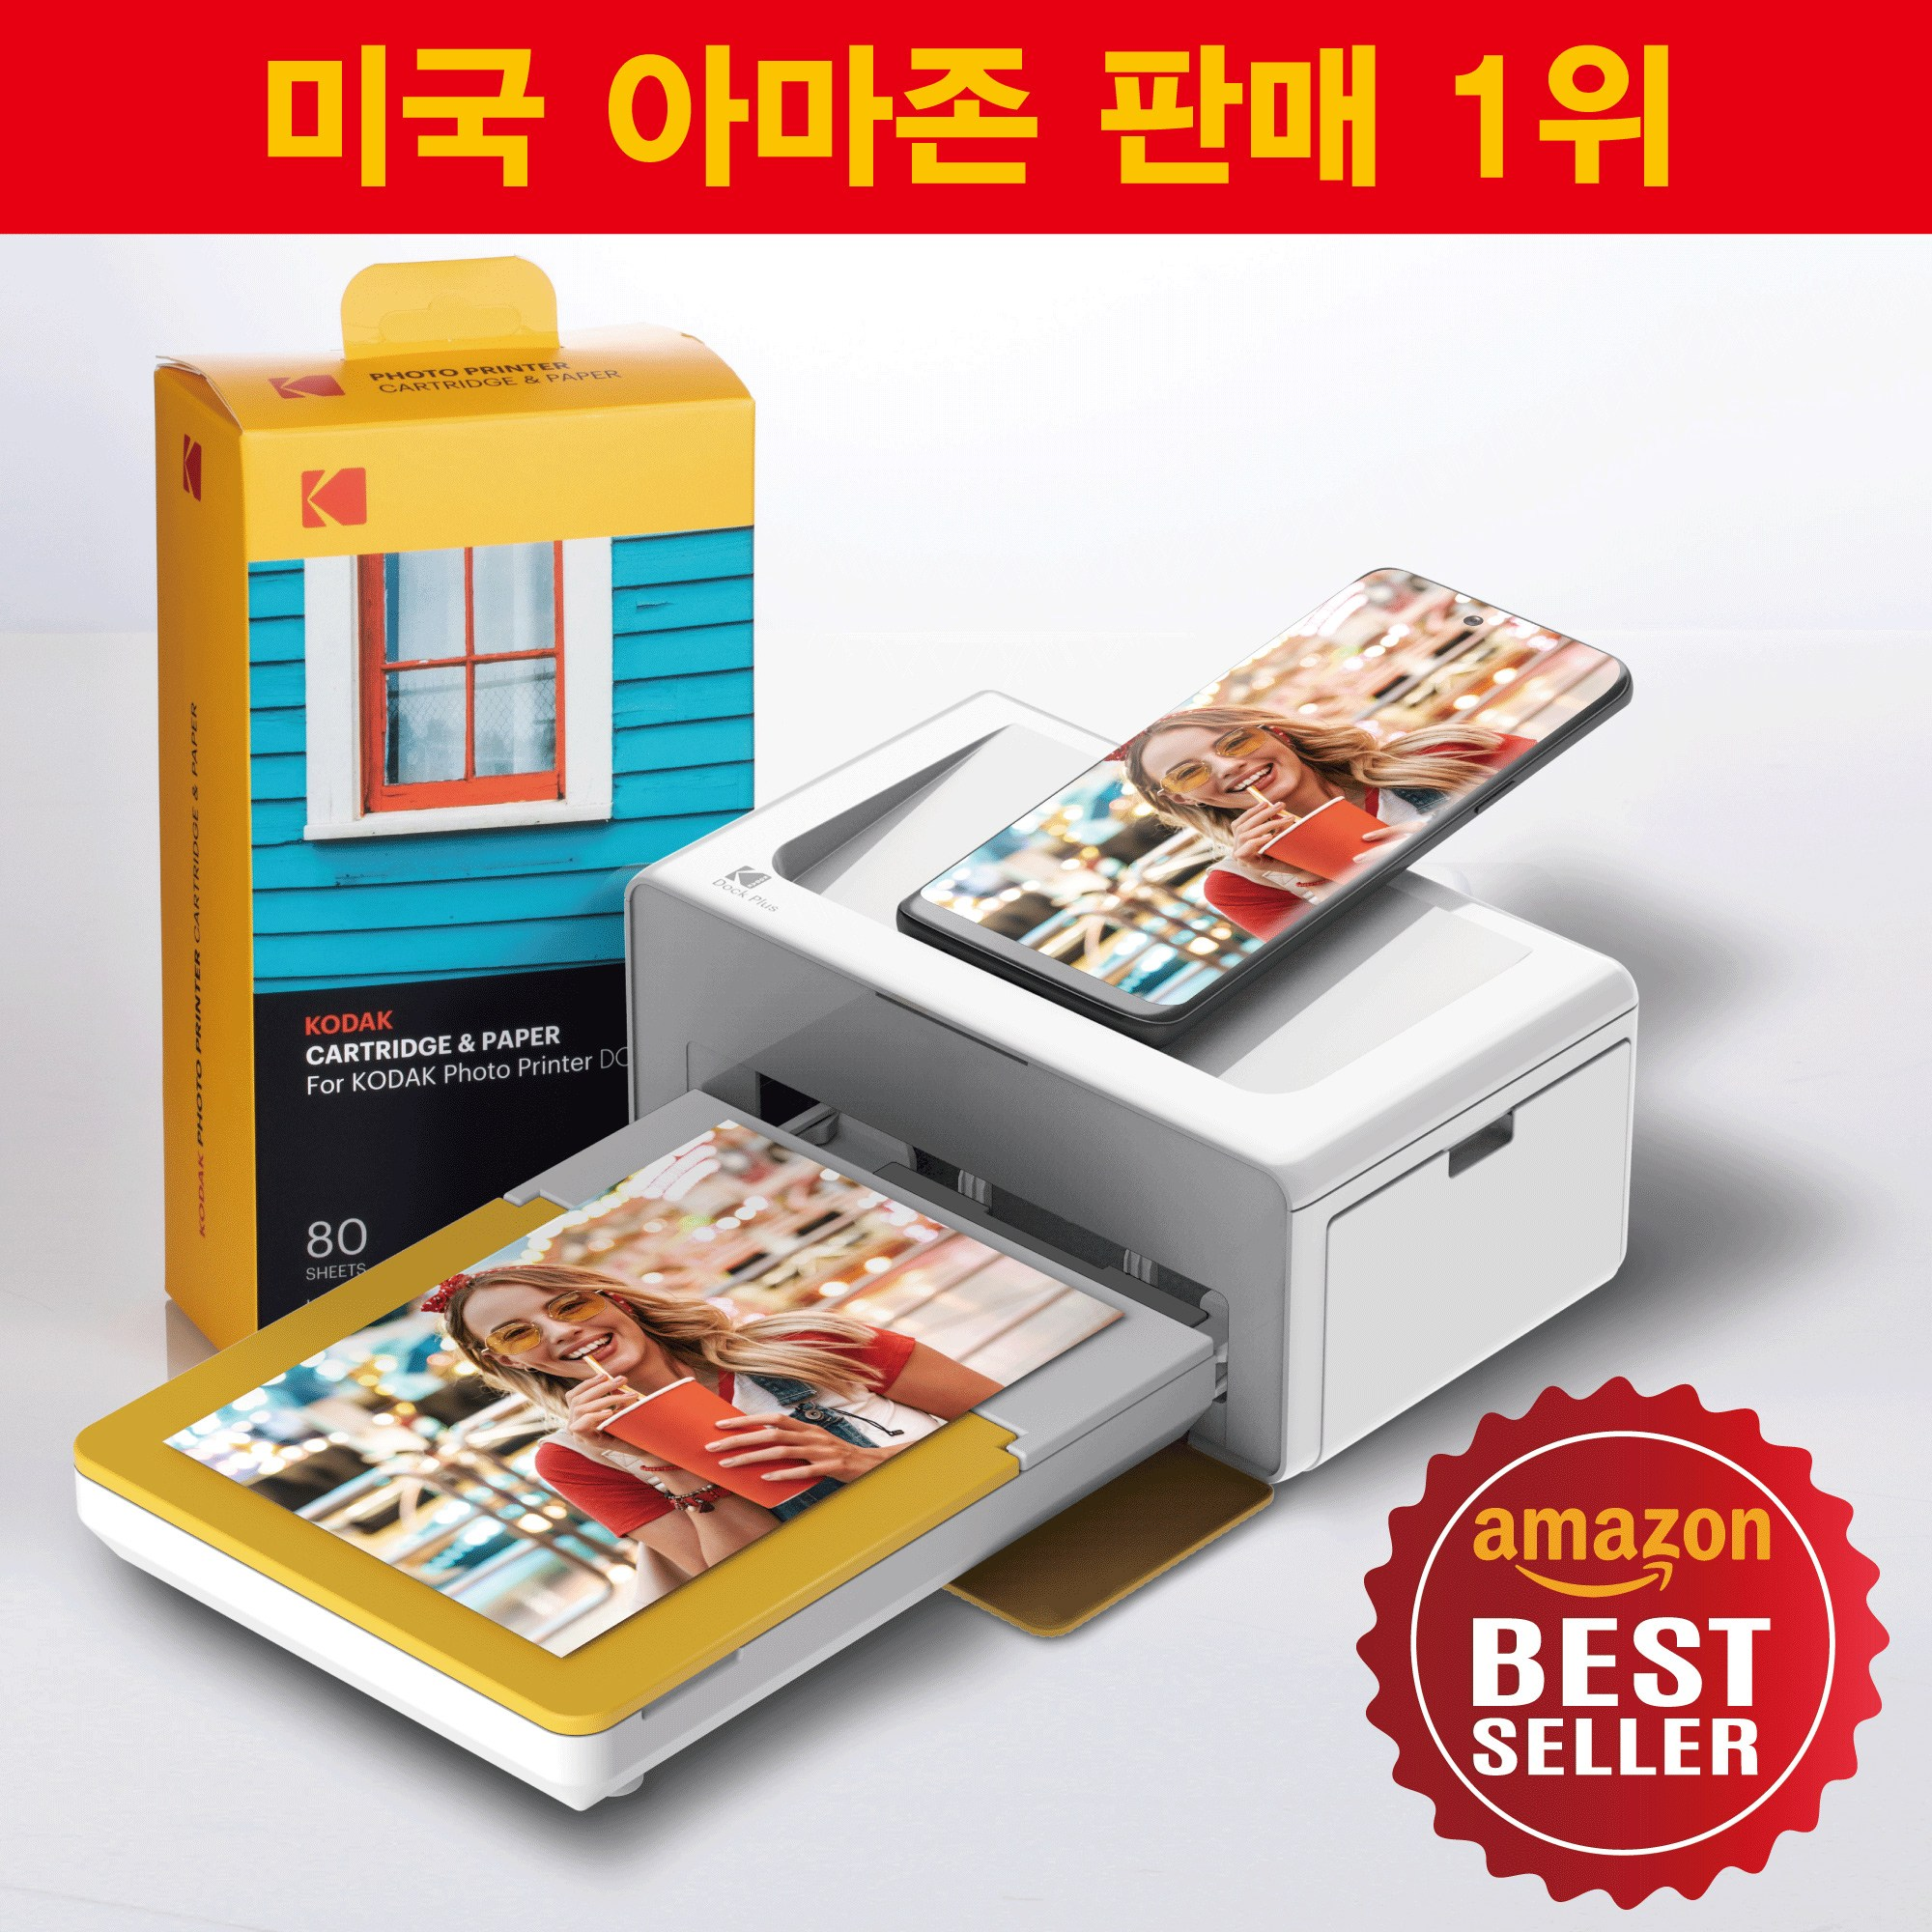 코닥 도크 플러스 카트리지 80매 포함 번들 포토프린터 아마존 베스트셀러, 단일상품